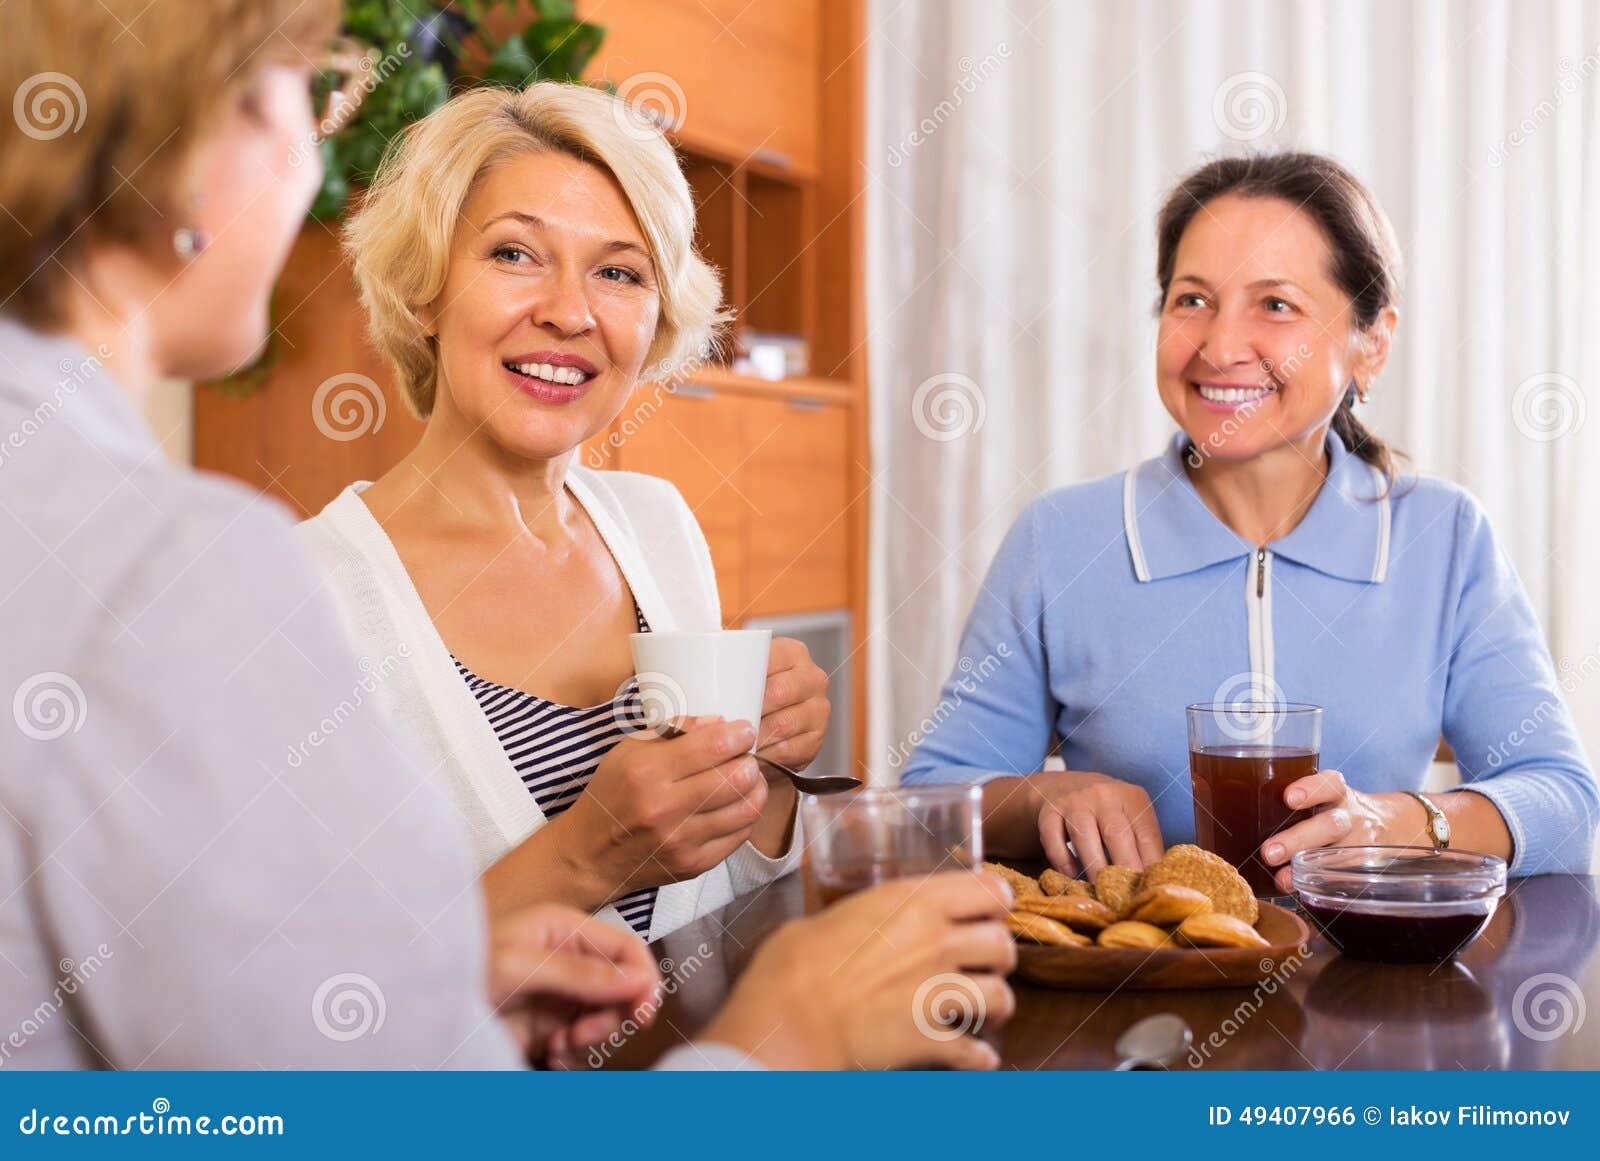 Download Reife Frauen, Die Kaffeepause Haben Stockfoto - Bild von wohnung, beiläufig: 49407966